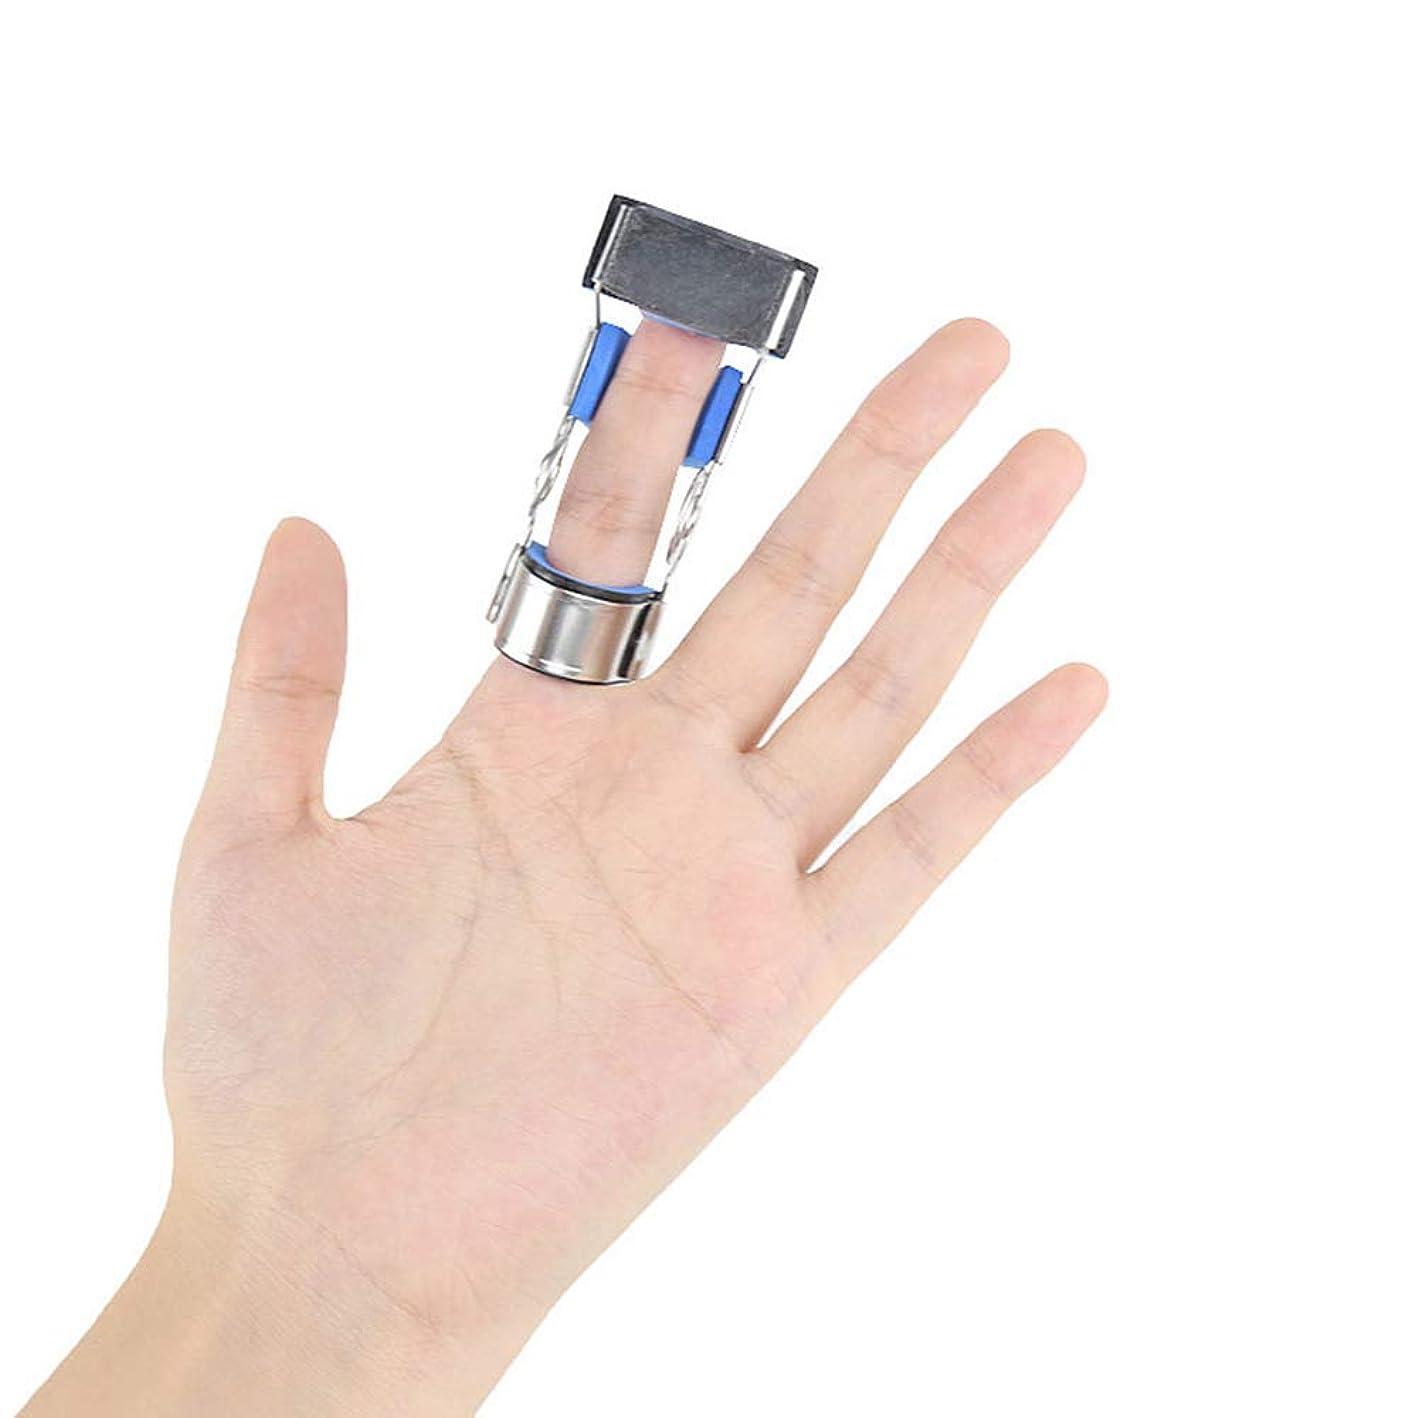 意味する孤独スケッチ指関節装具けいれん装具骨折固定スプリント痛風関節矯正運動指ラップ矯正湾曲,L